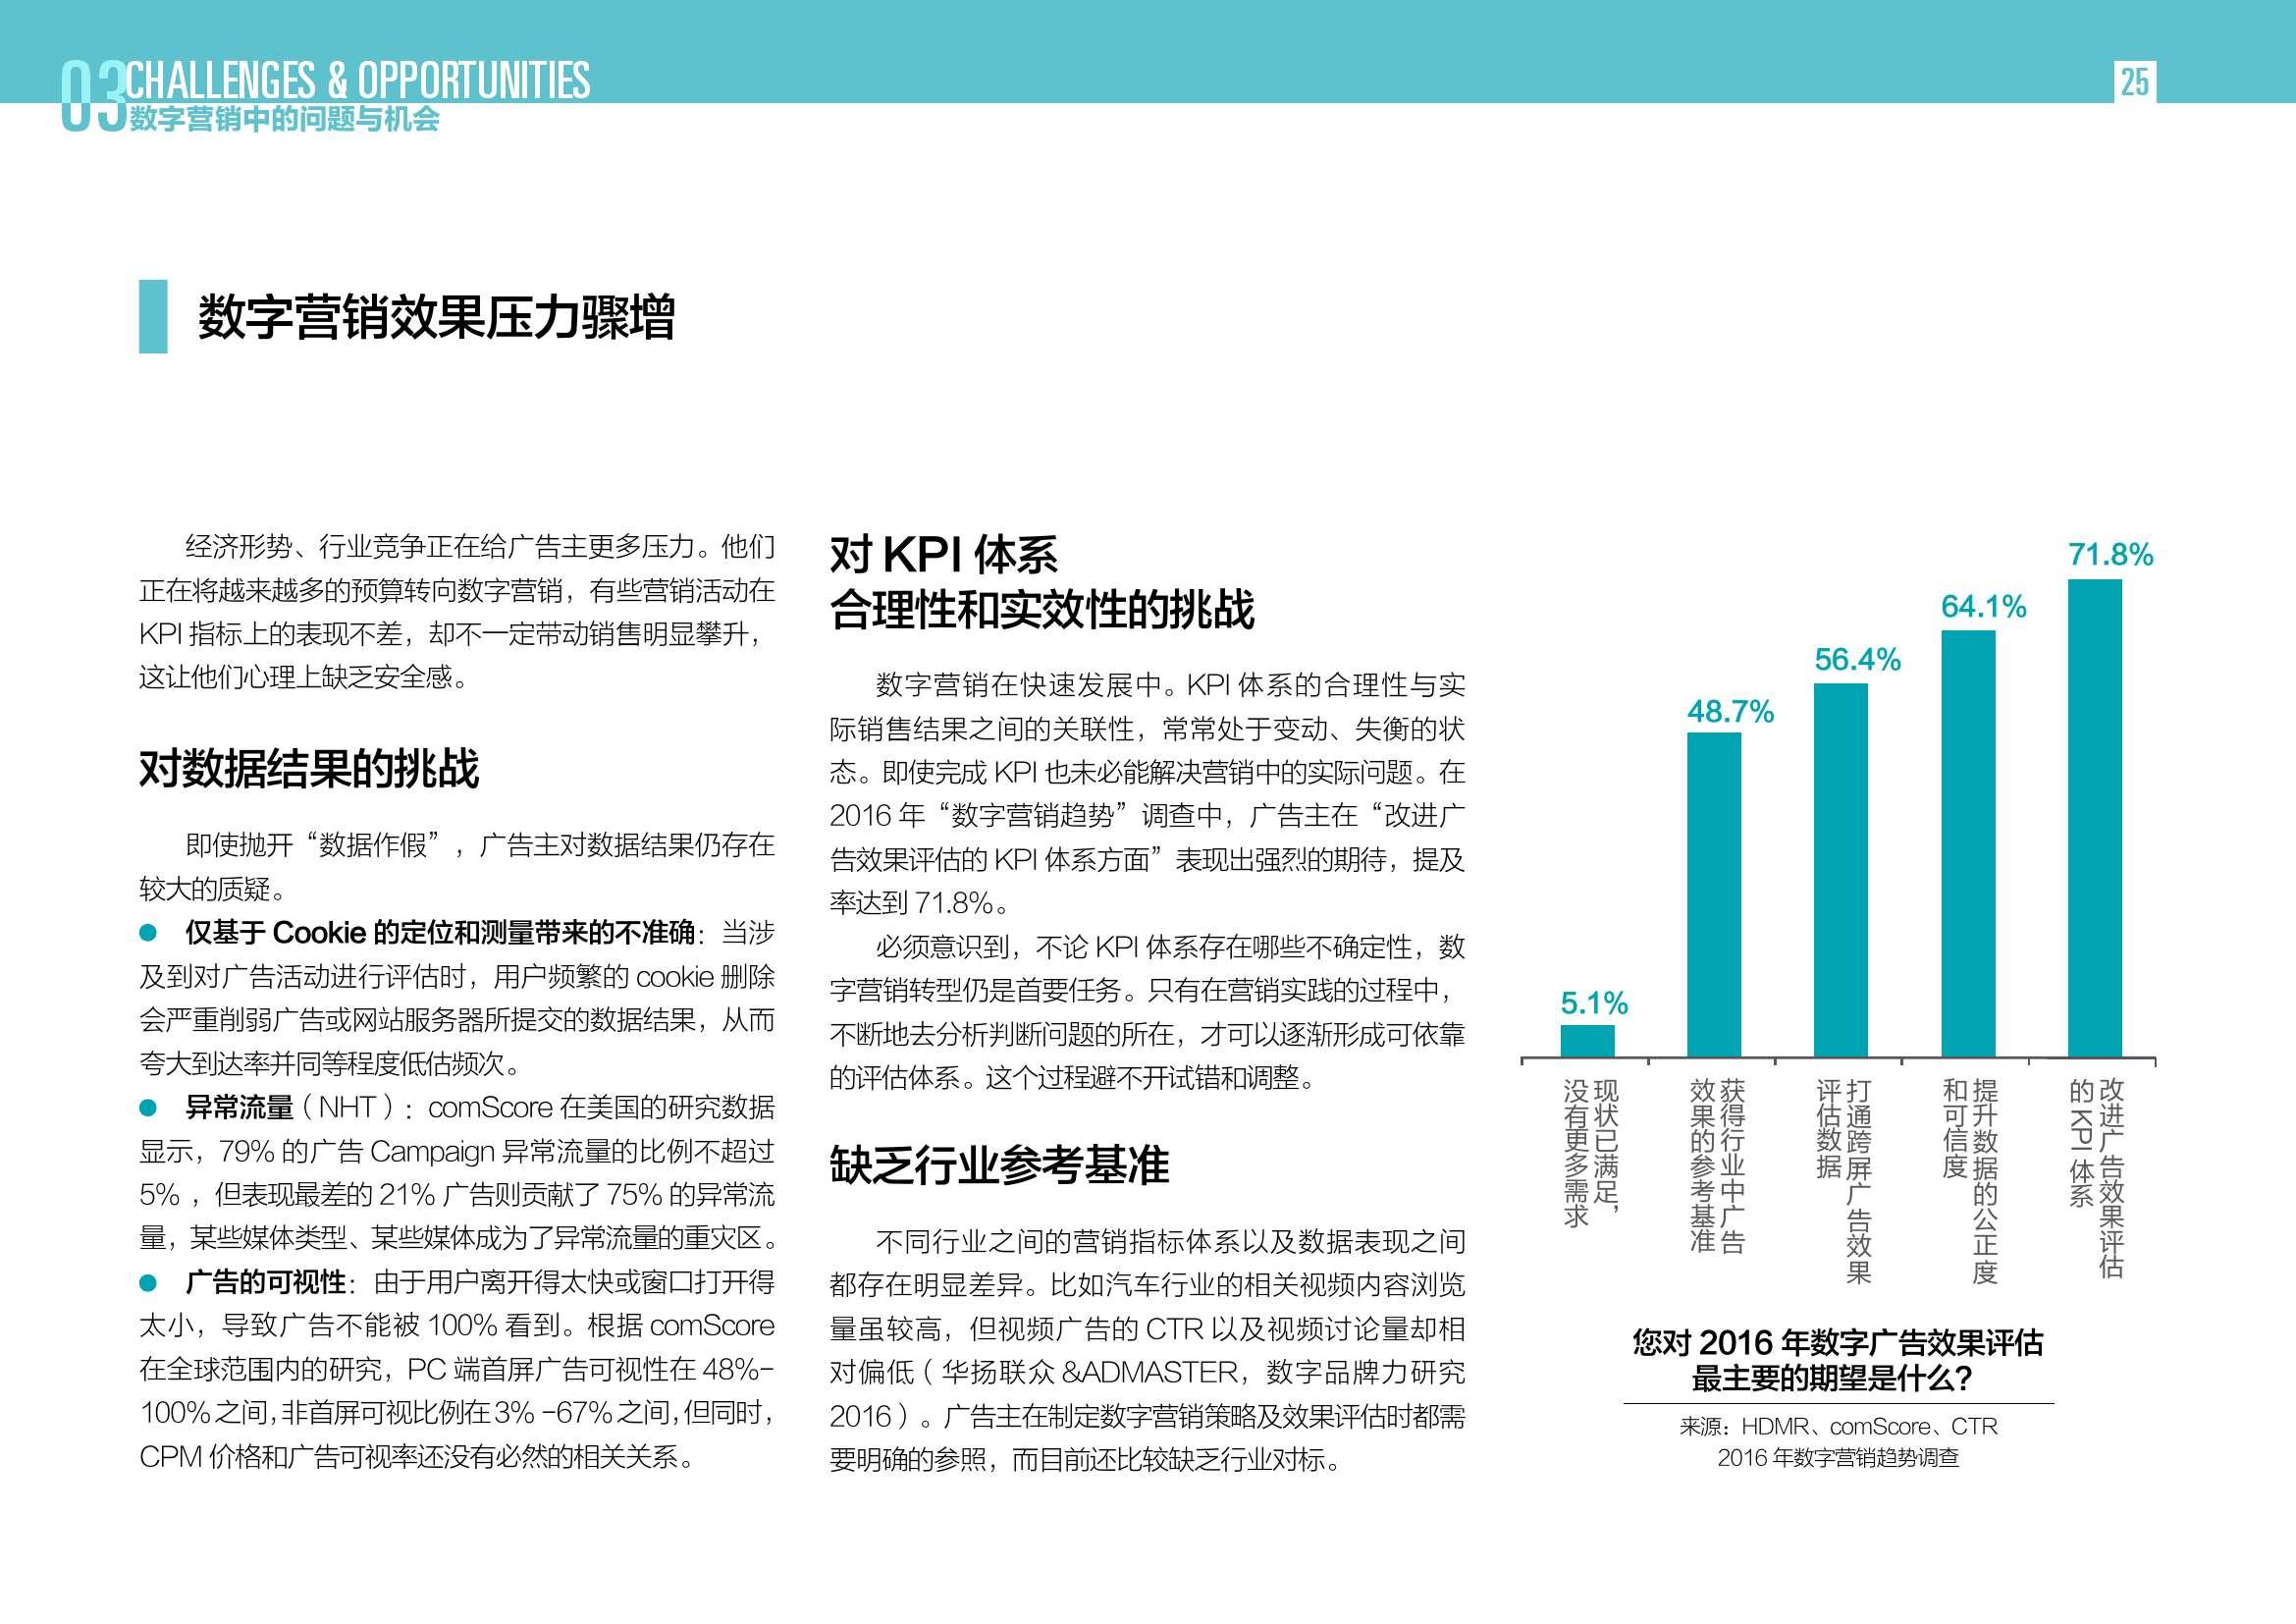 2016中国数字营销行动报告_000025